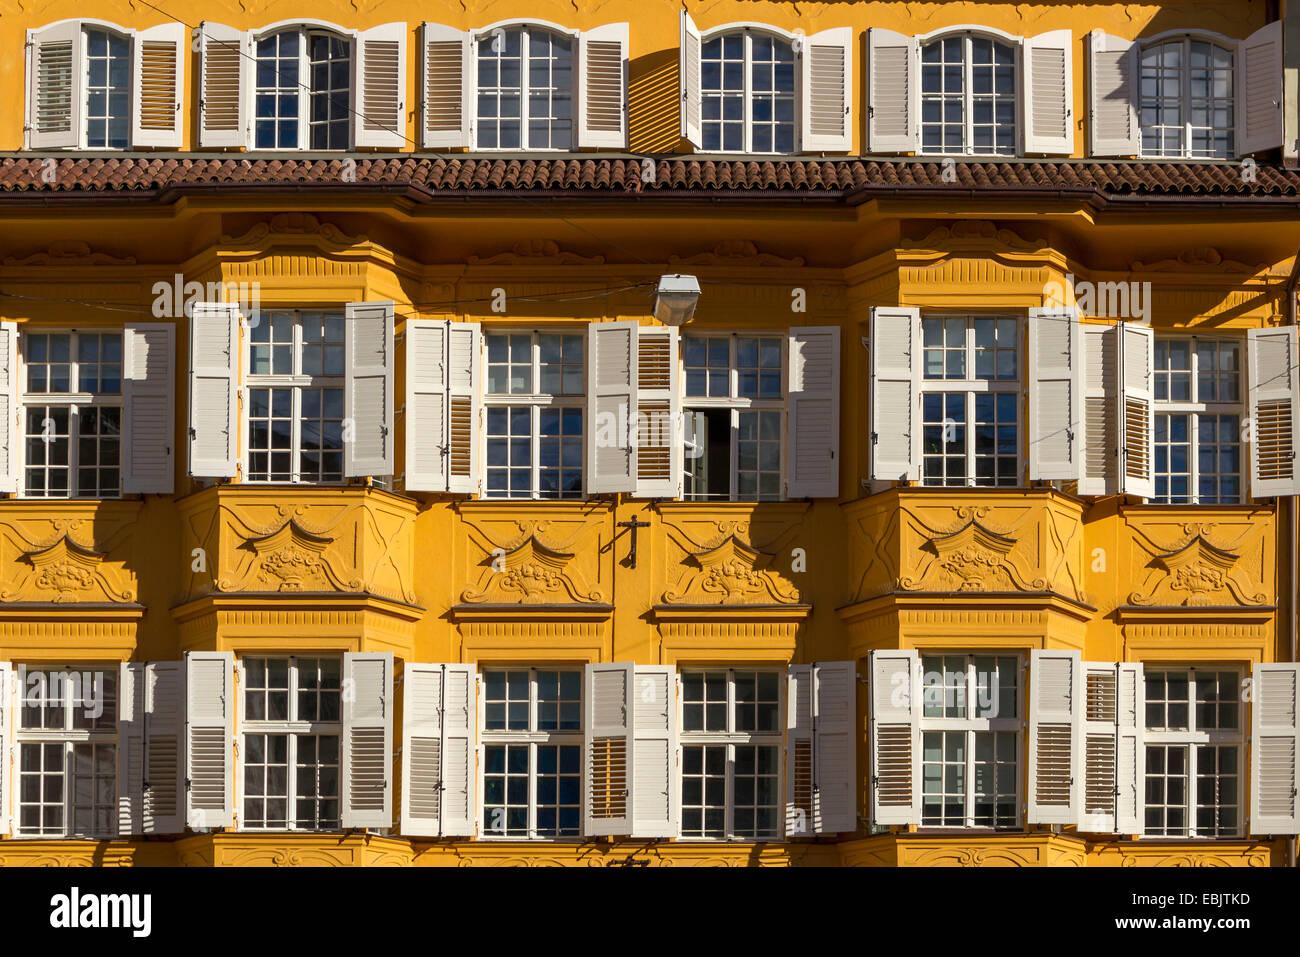 Facade in historical centre, Bozen, Bolzano, South Tyrol, Italy, Europe - Stock Image